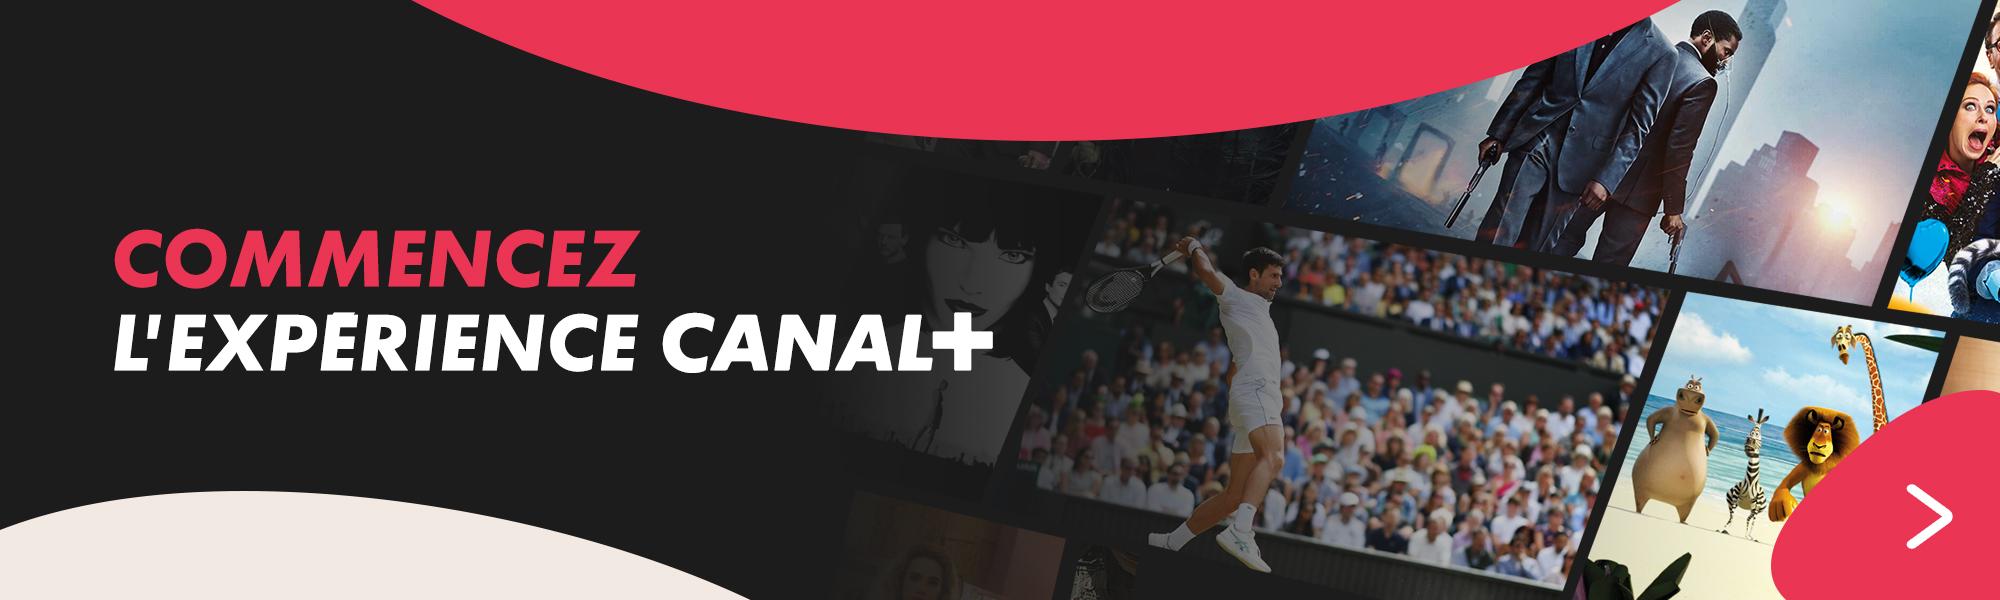 Commencez l'expérience CANAL+ en téléchargeant l'application myCANAL - CANAL+ Maurice